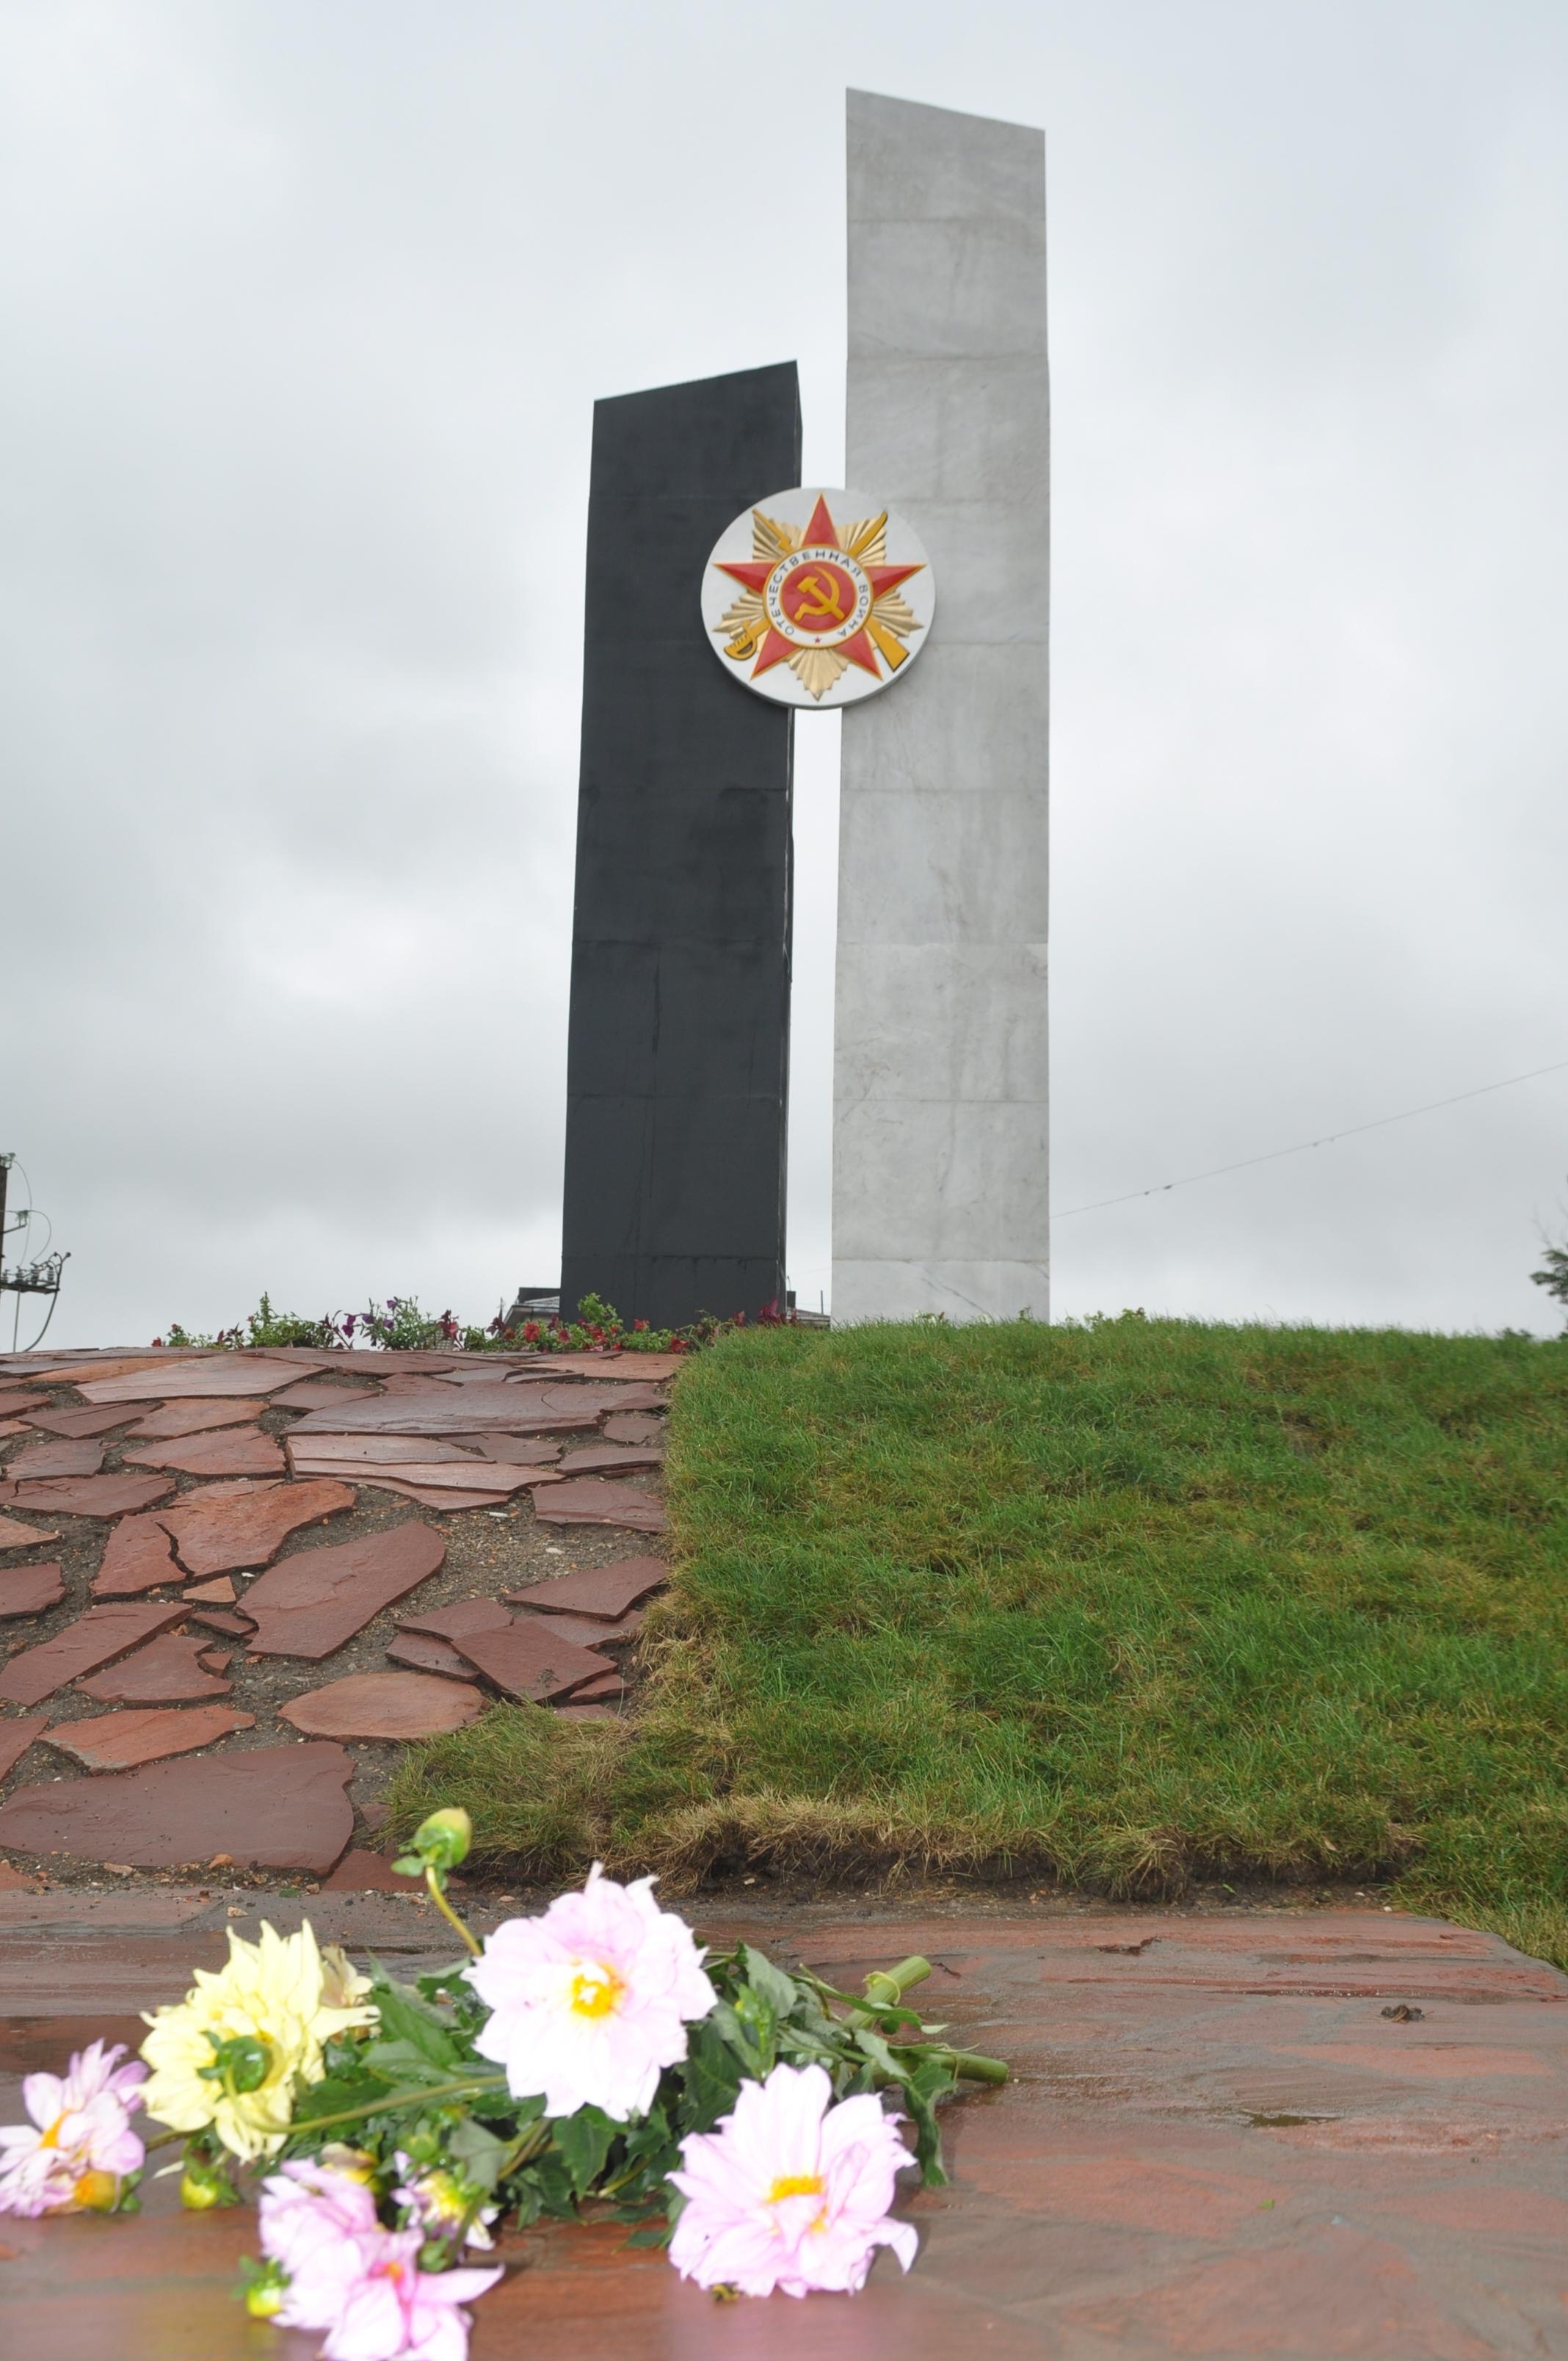 г. Караганда. Памятник Победы на площади Независимости, открытый в 2014 году.